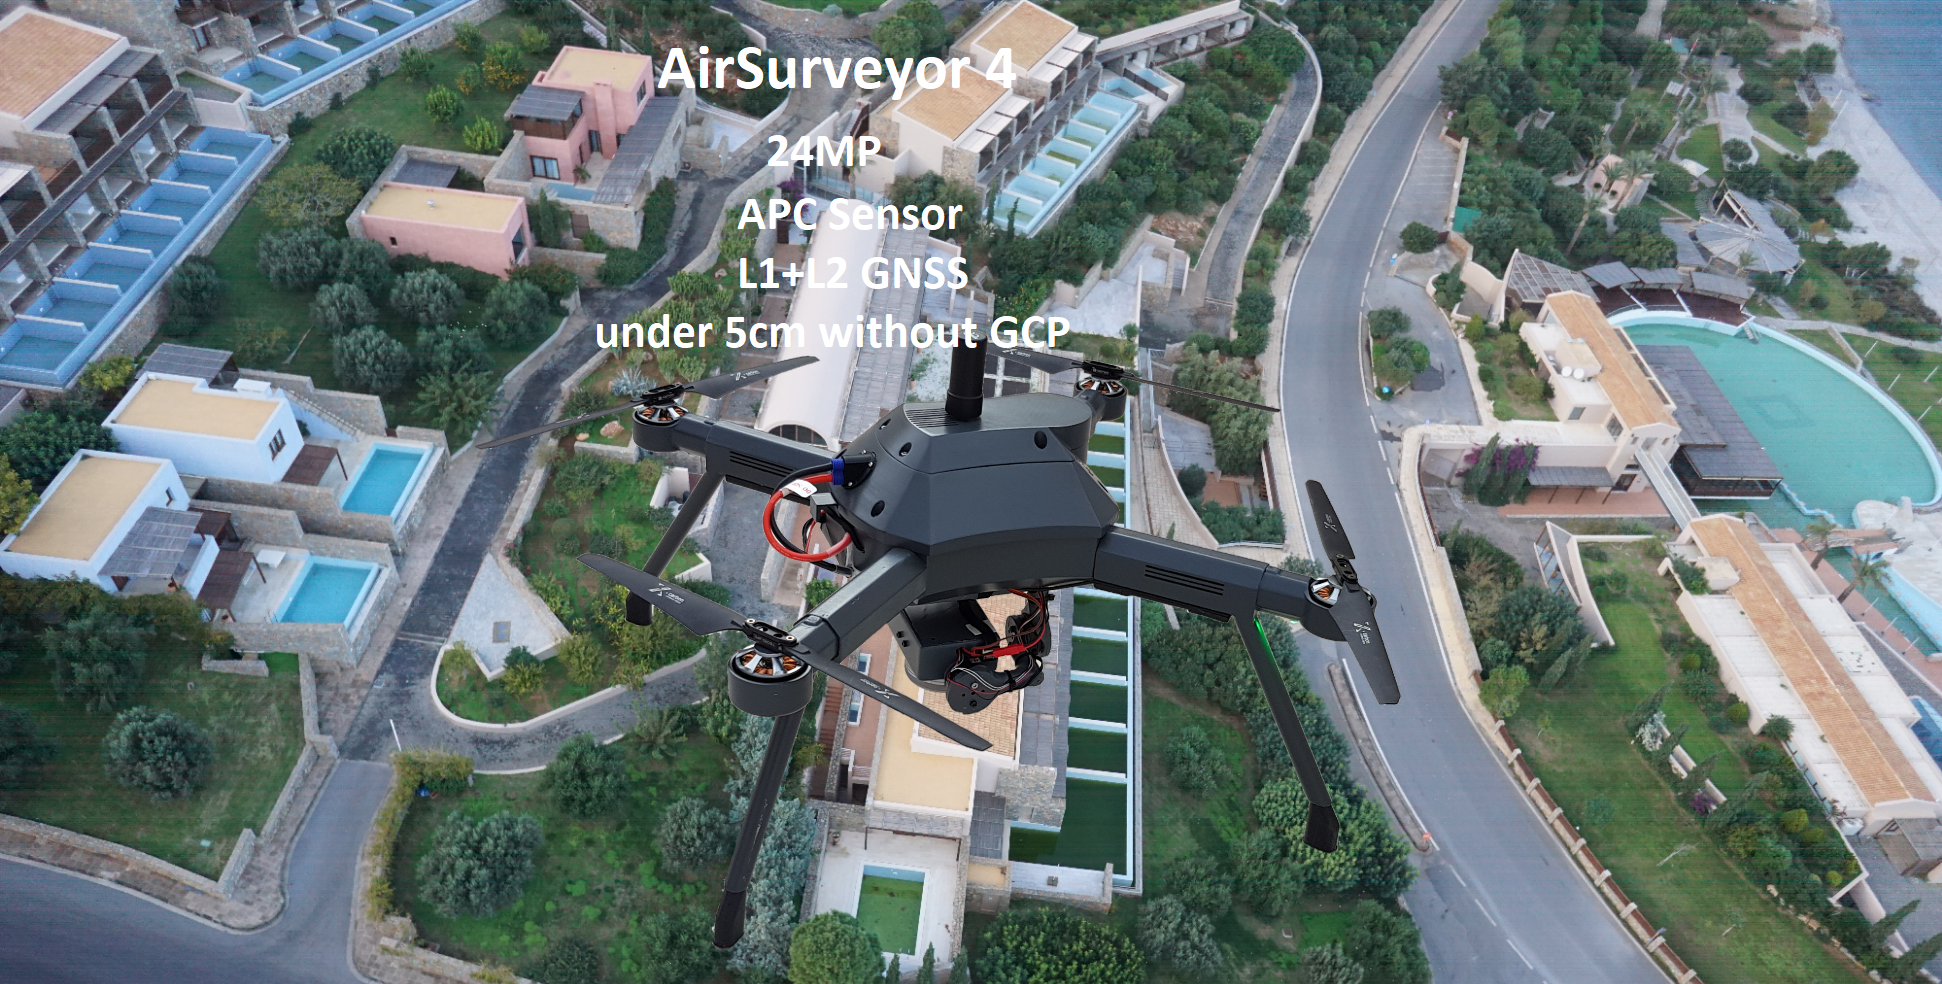 AirSurveyor 4